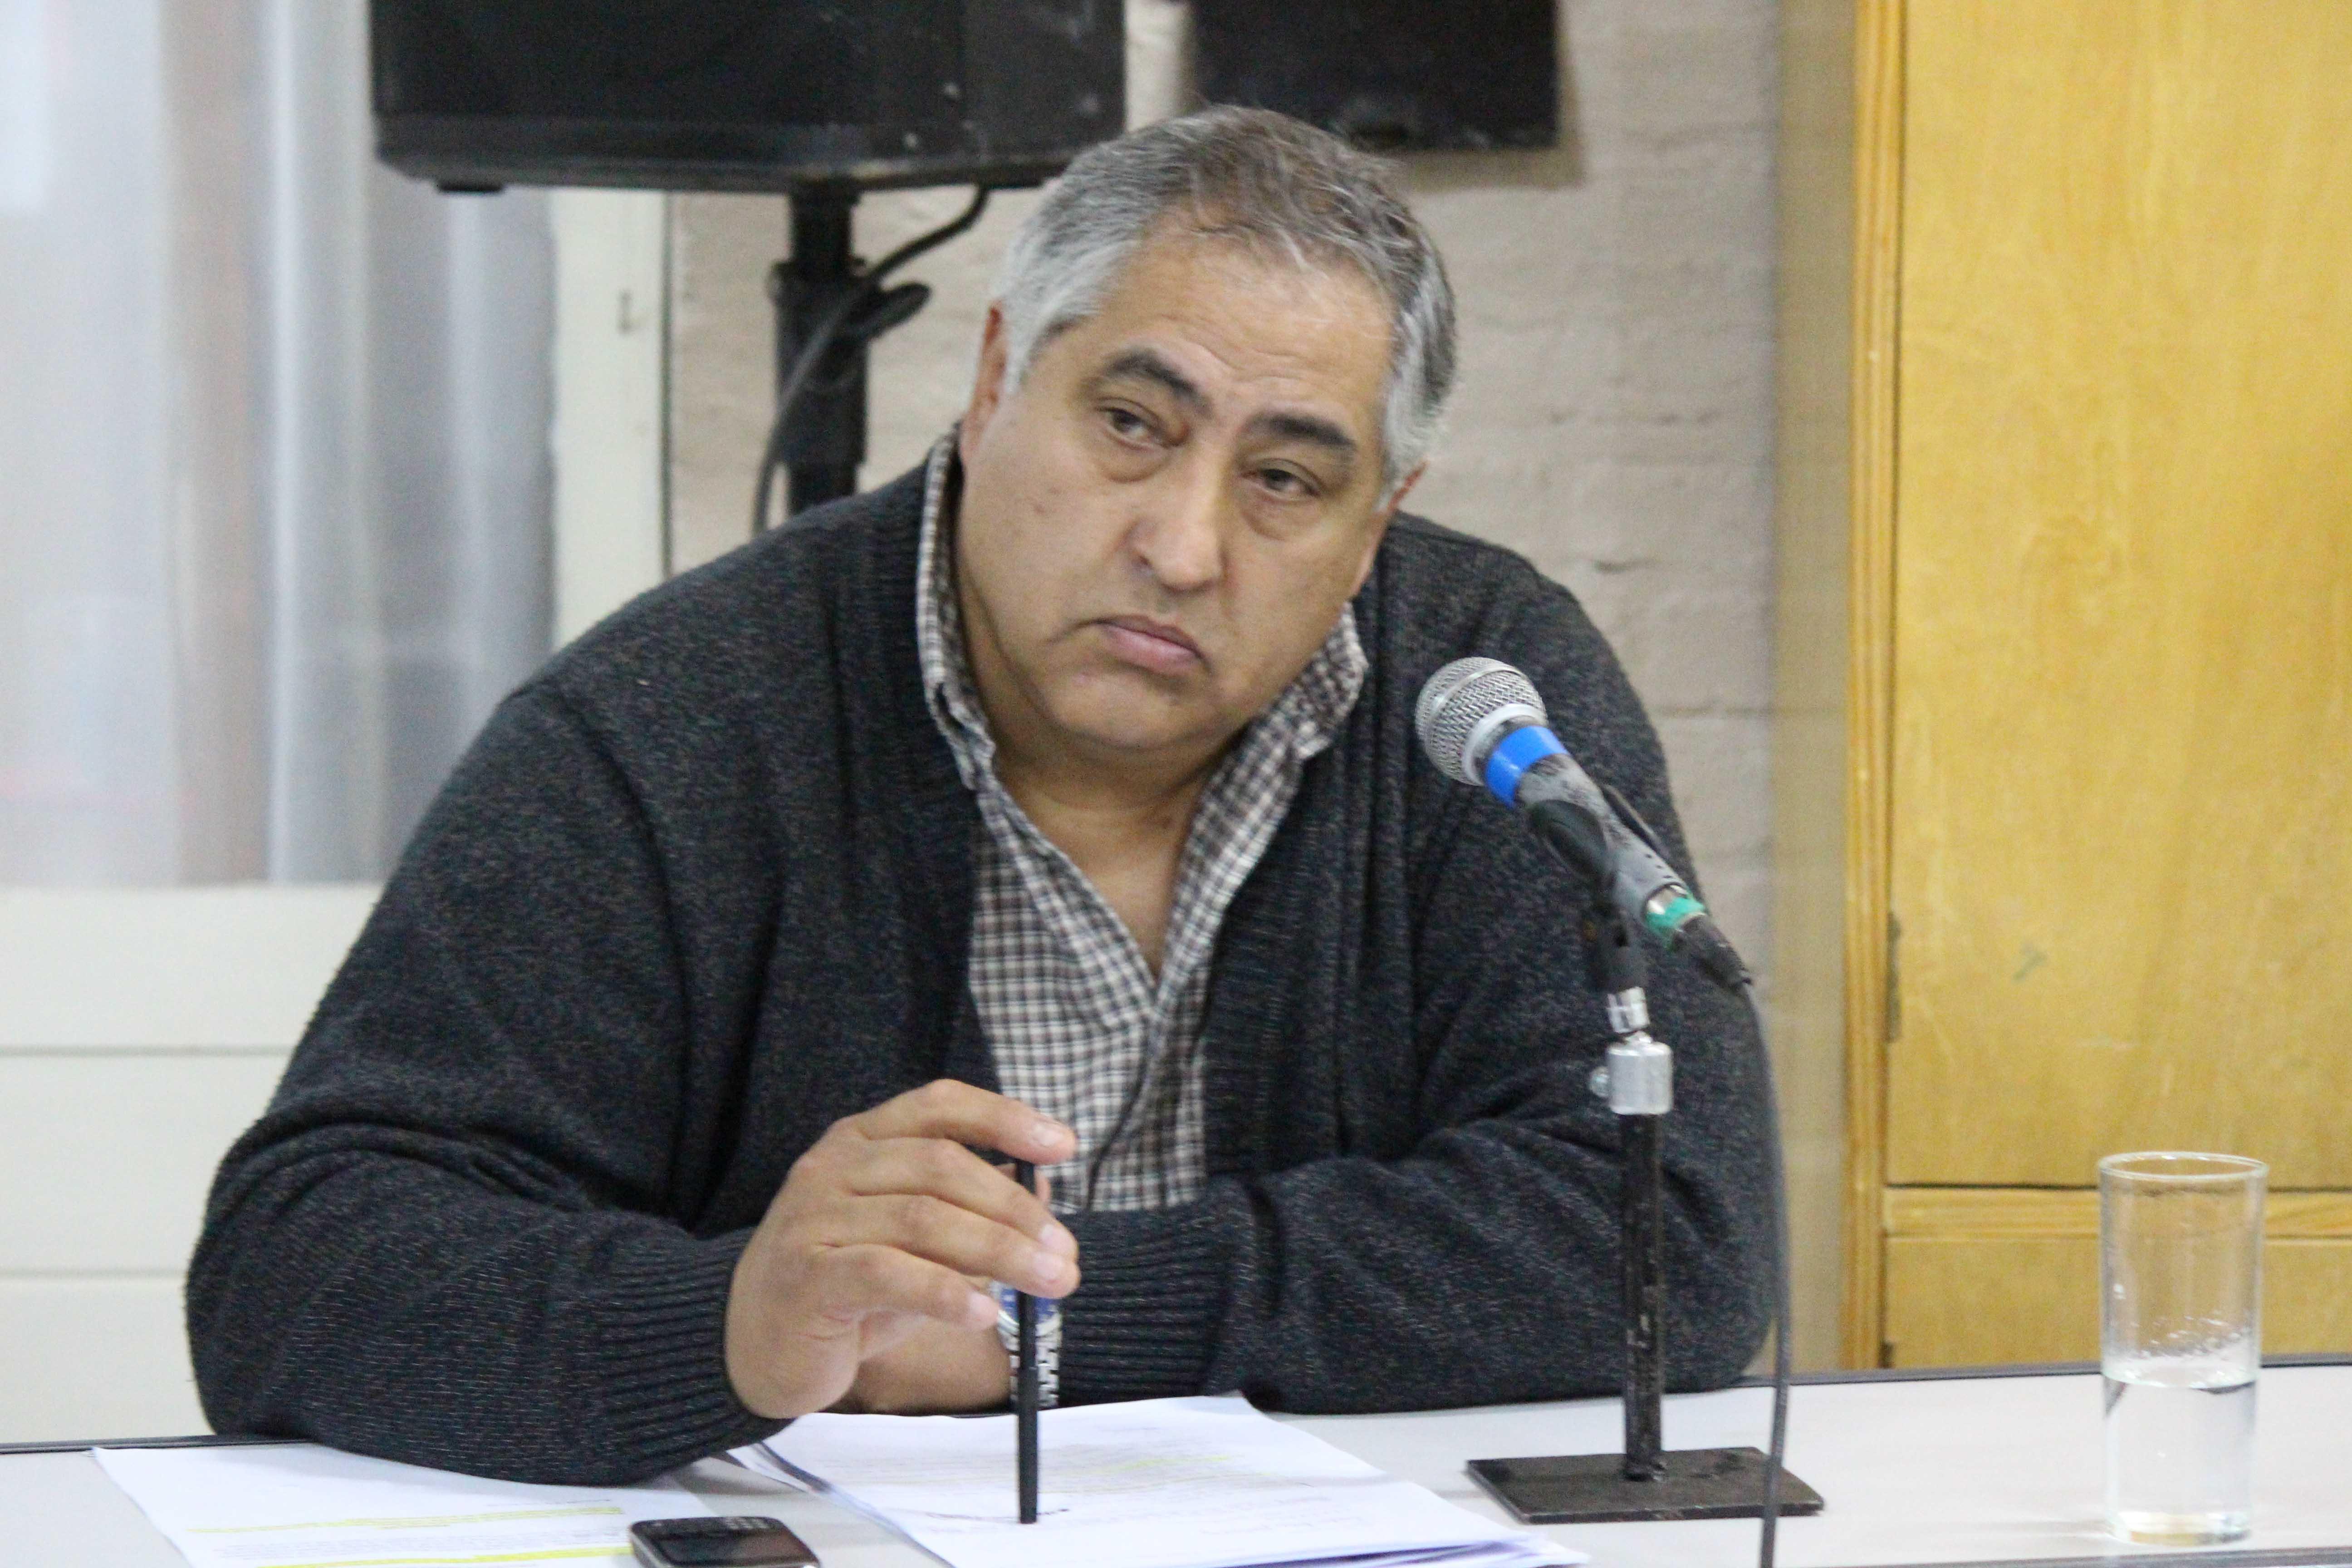 Luis Gutiérrez reclama al Ministerio de Seguridad la Sub-Comisaría para San Pedro del Atuel